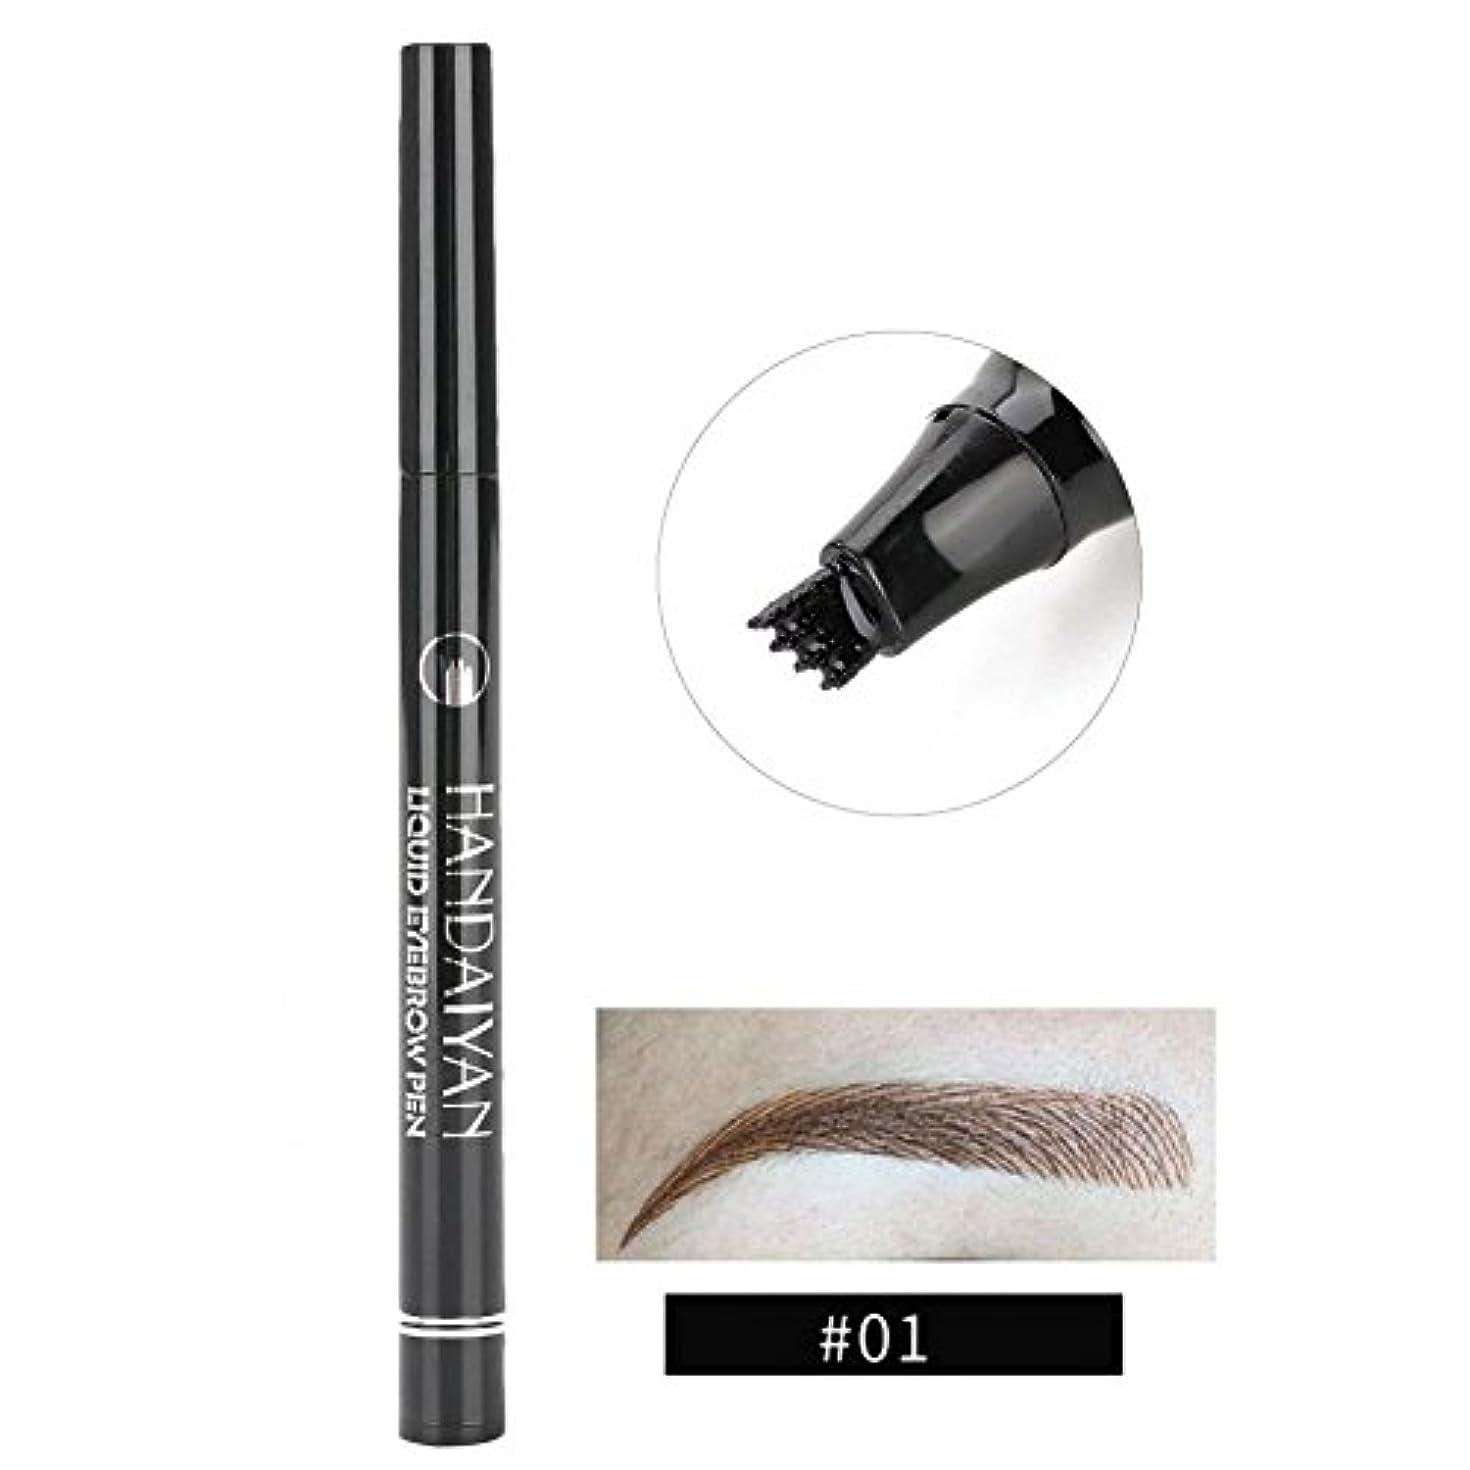 入口パッド炎上防水眉ペン、液体 長持ち 液体眉毛タトゥーペン 眉毛エンハンサー メイクアップペン(1)